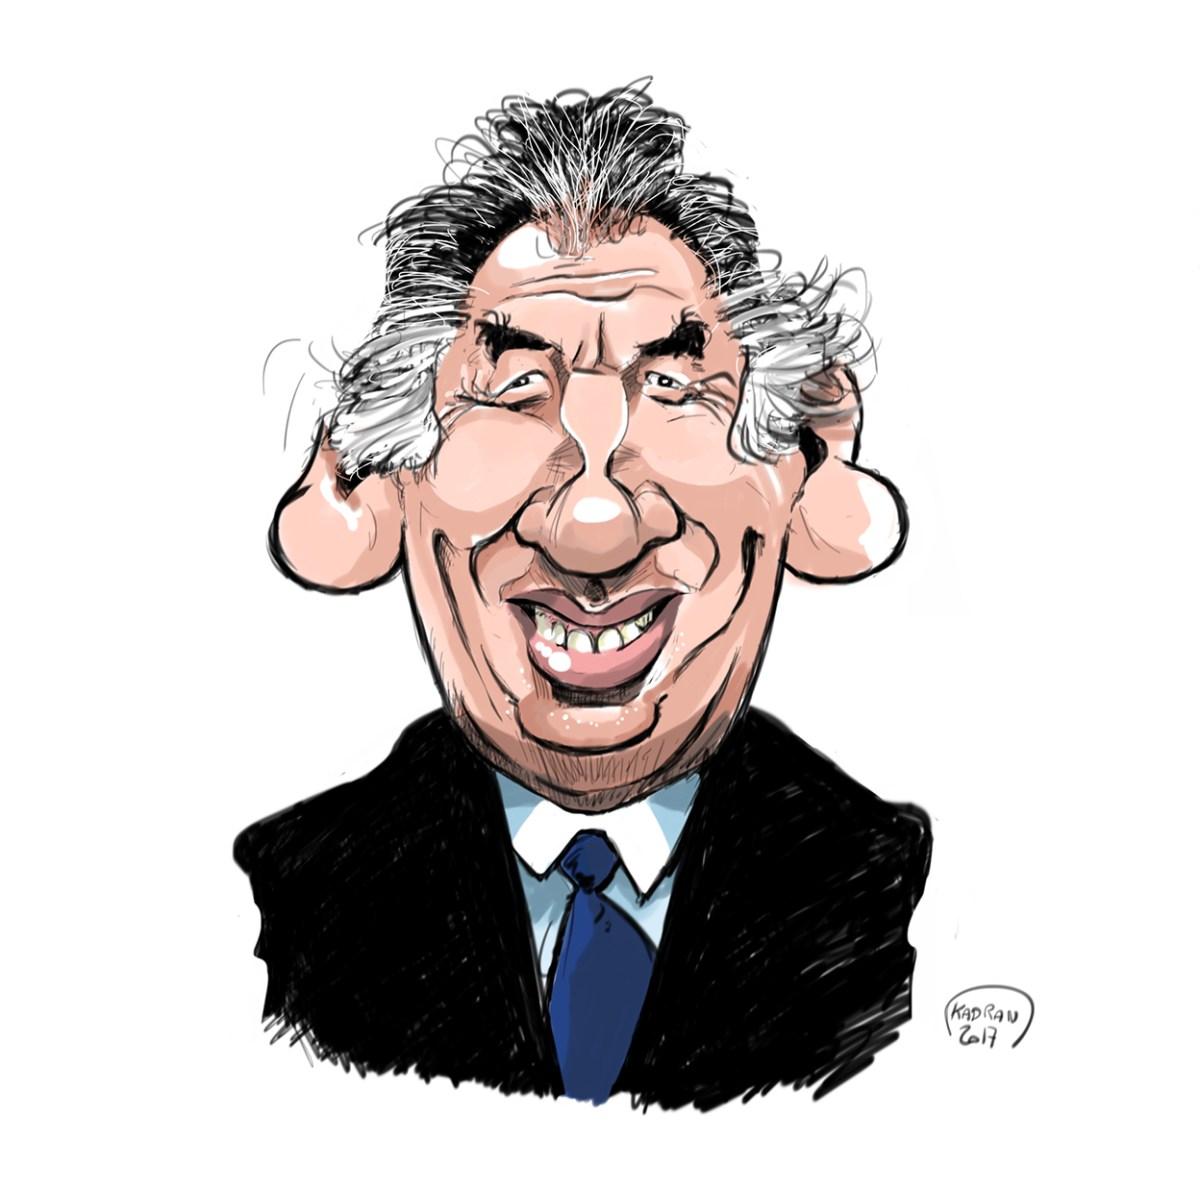 François Bayrou caricature sketch